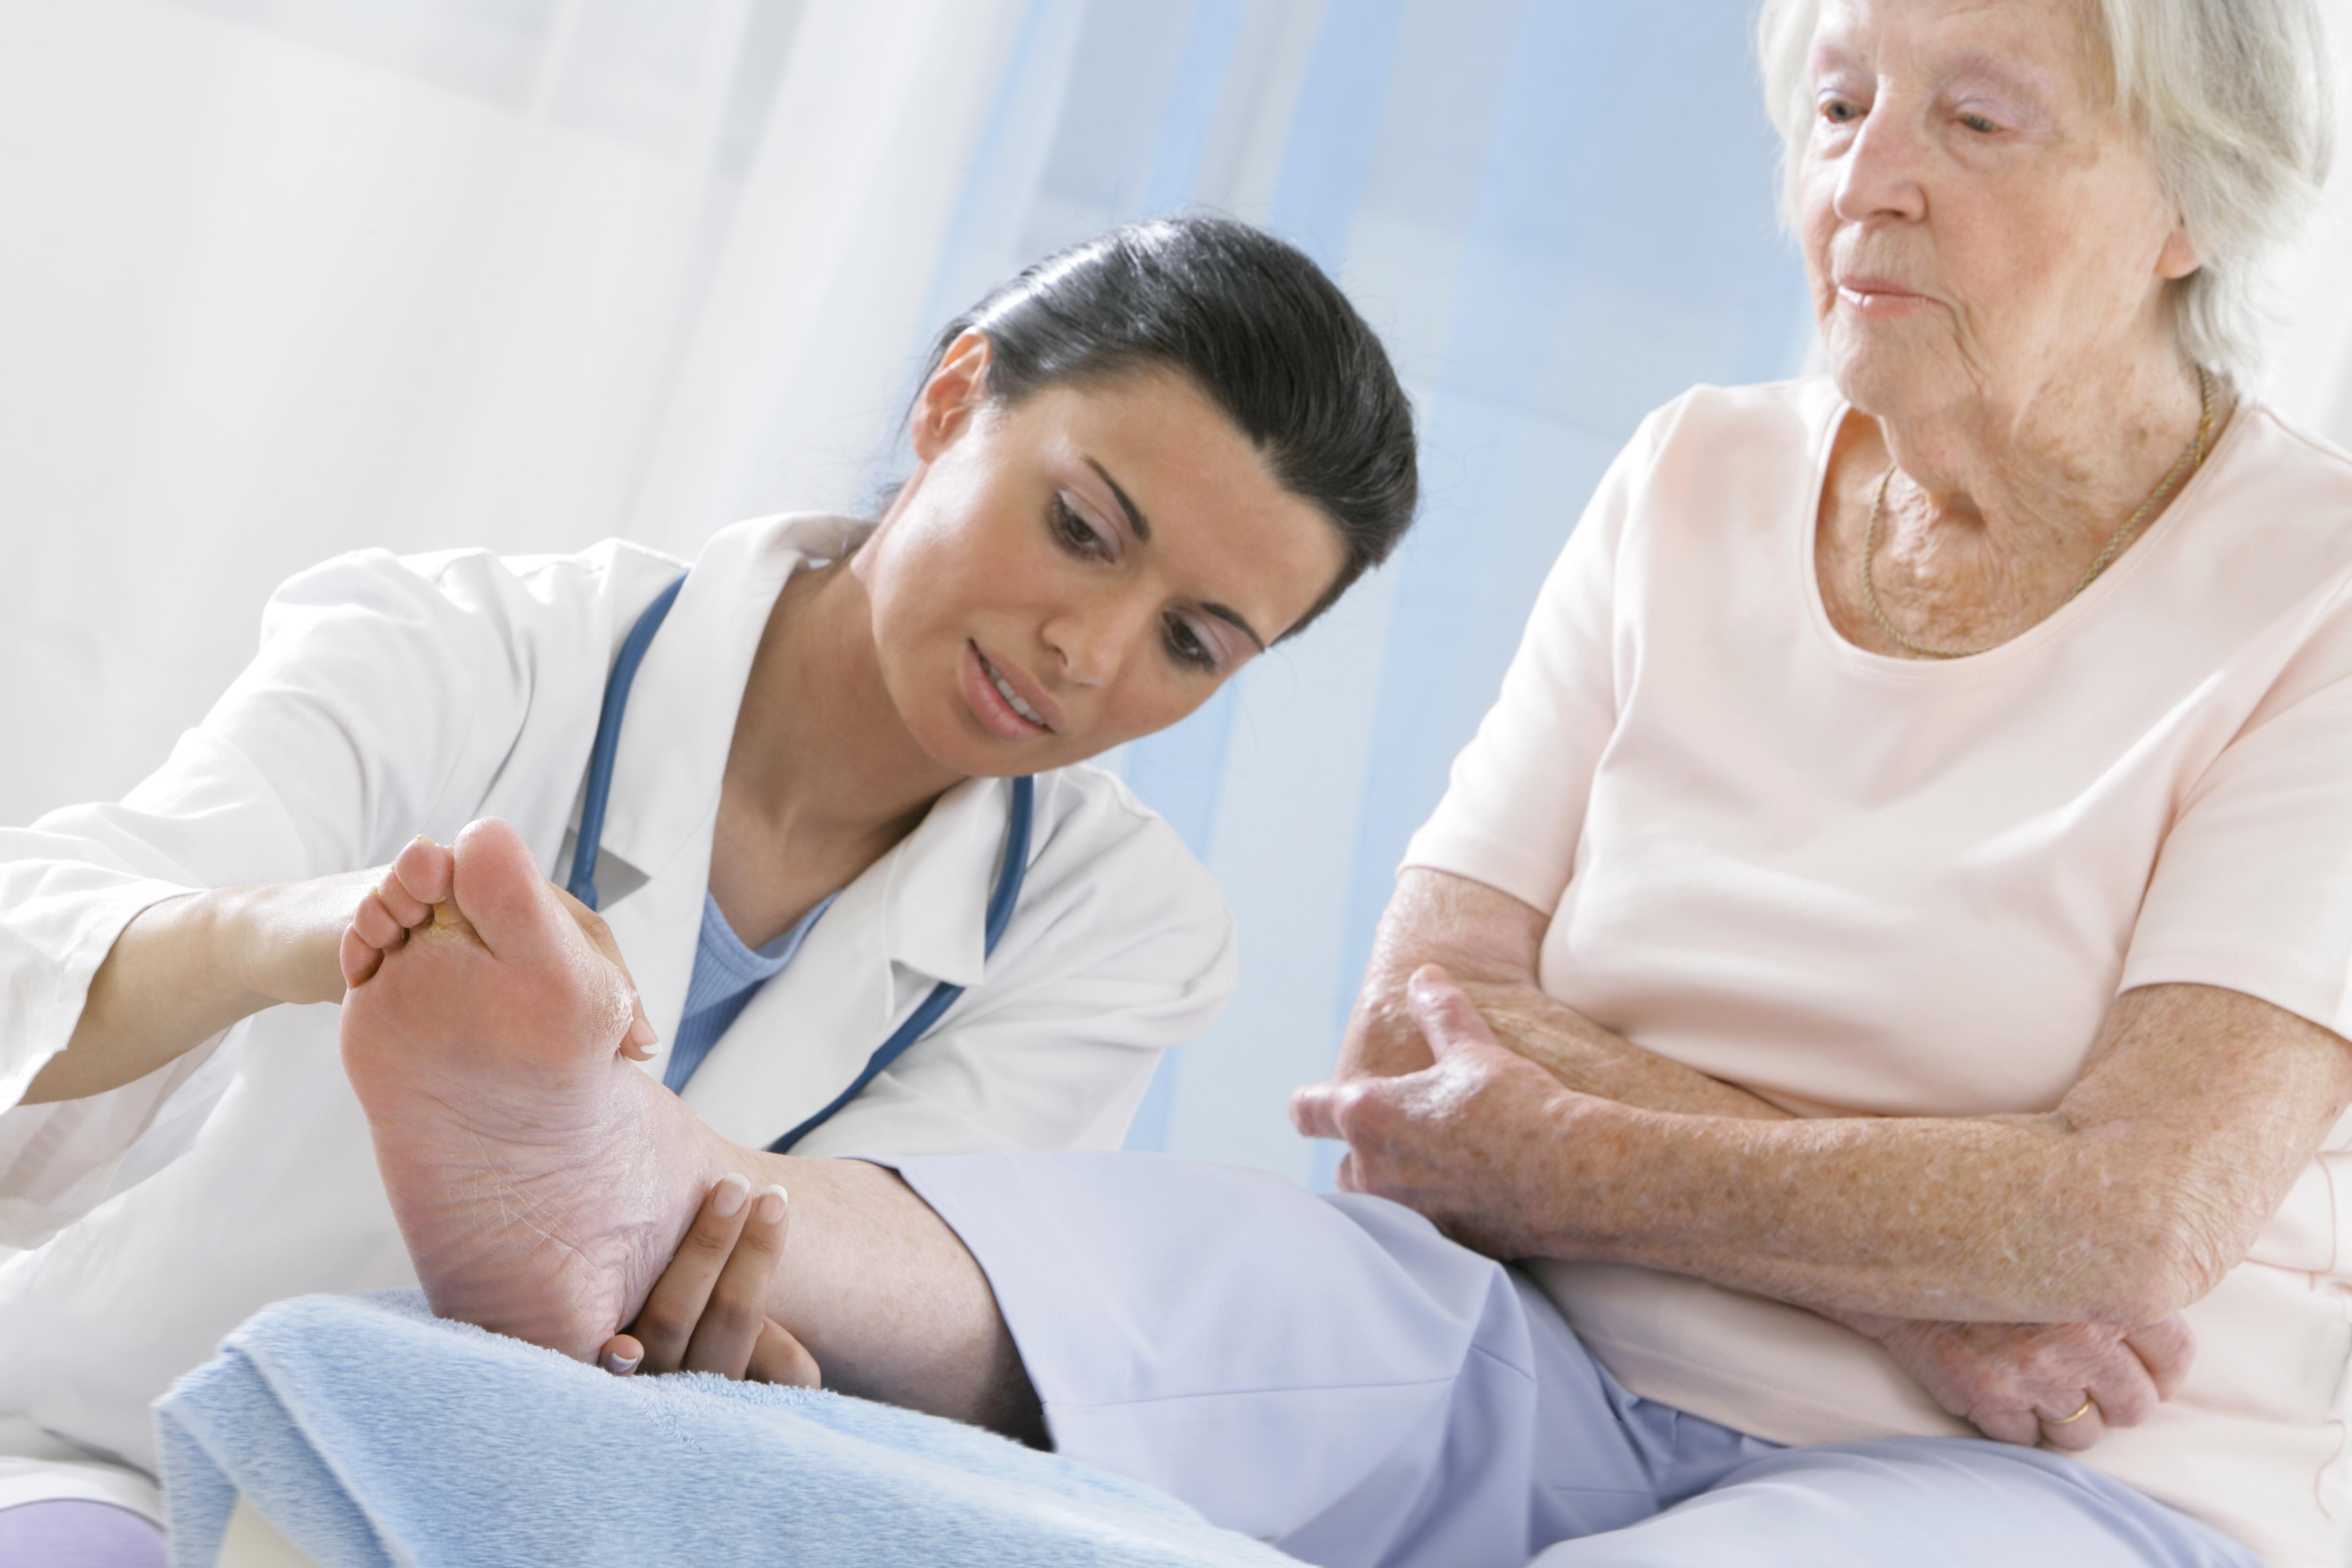 Reumatologia - Contusione Caviglia